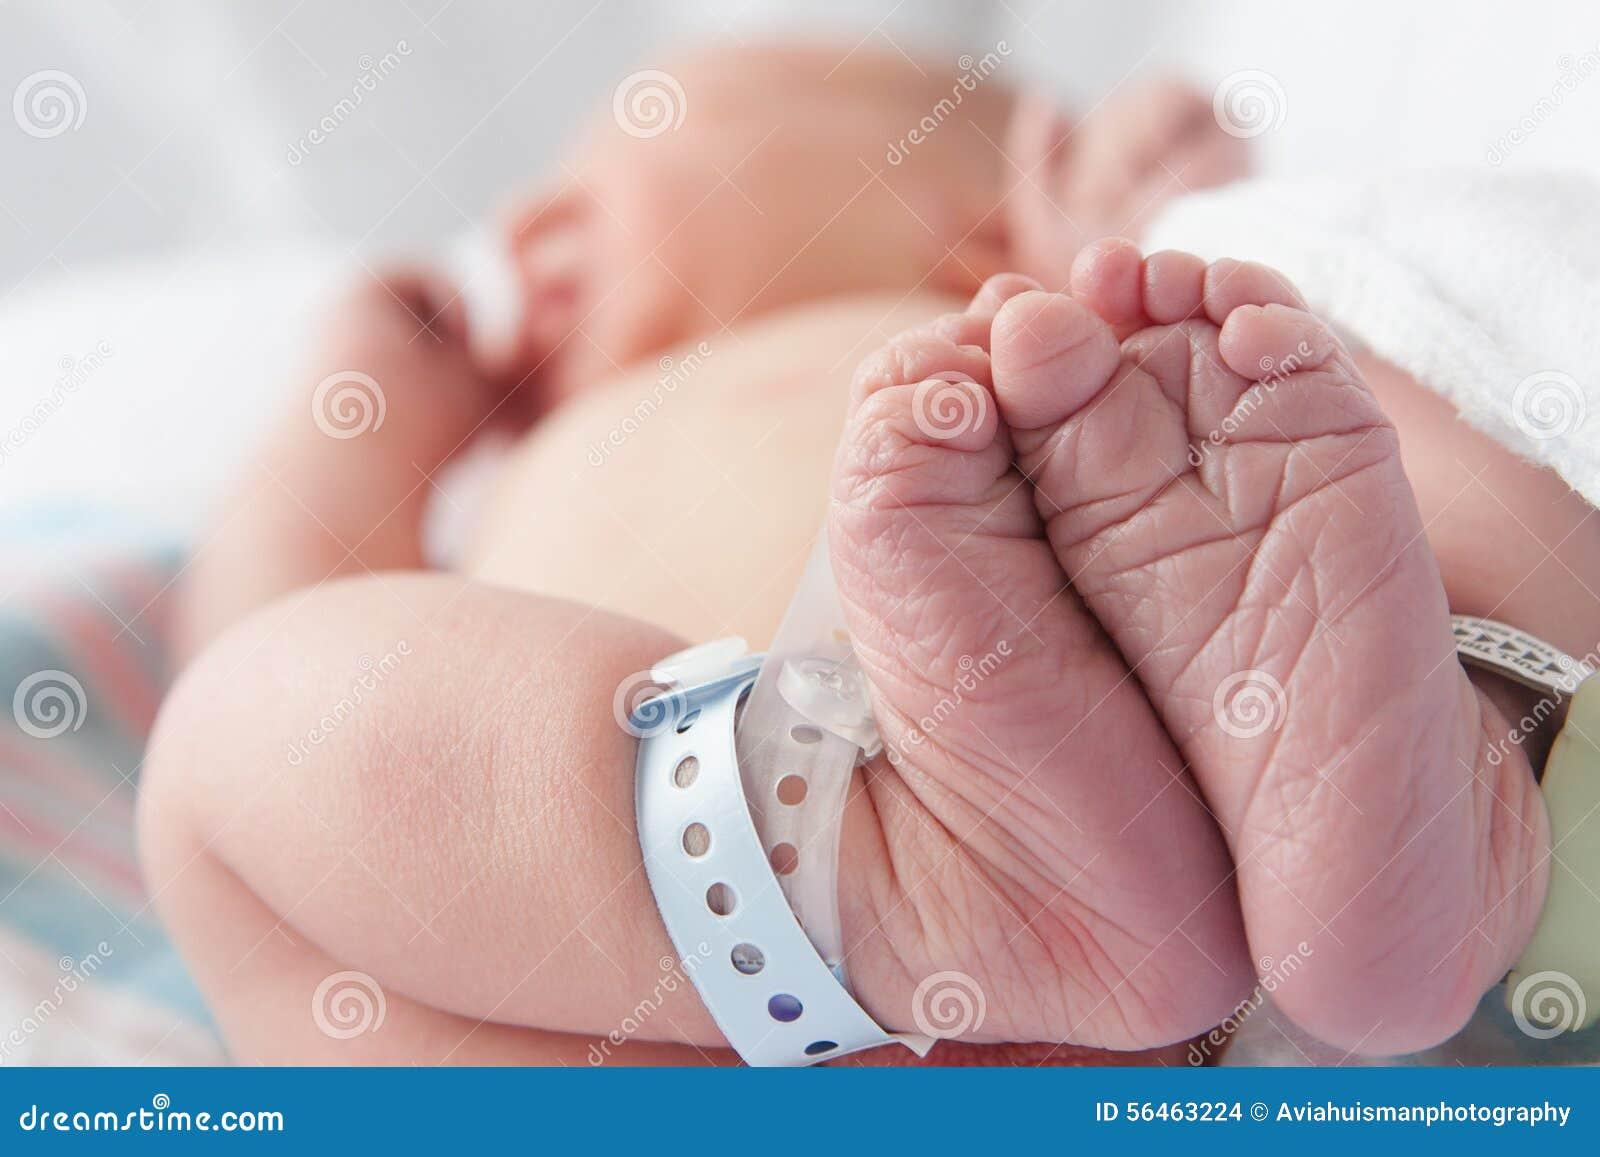 Nyfödd fot